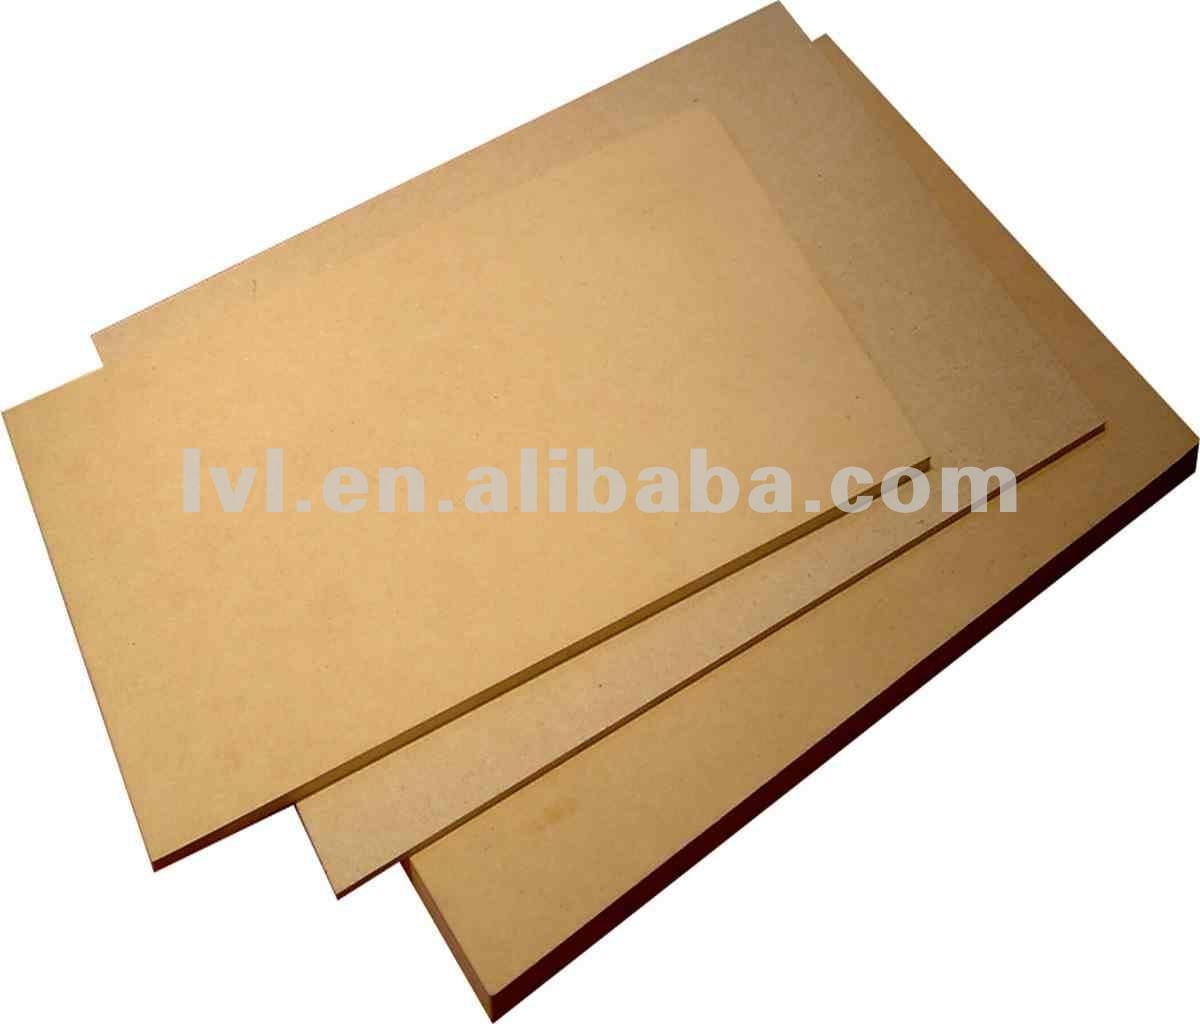 preço de madeira mdf Taboas de fibras ID do produto:655942618  #300704 1200x1024